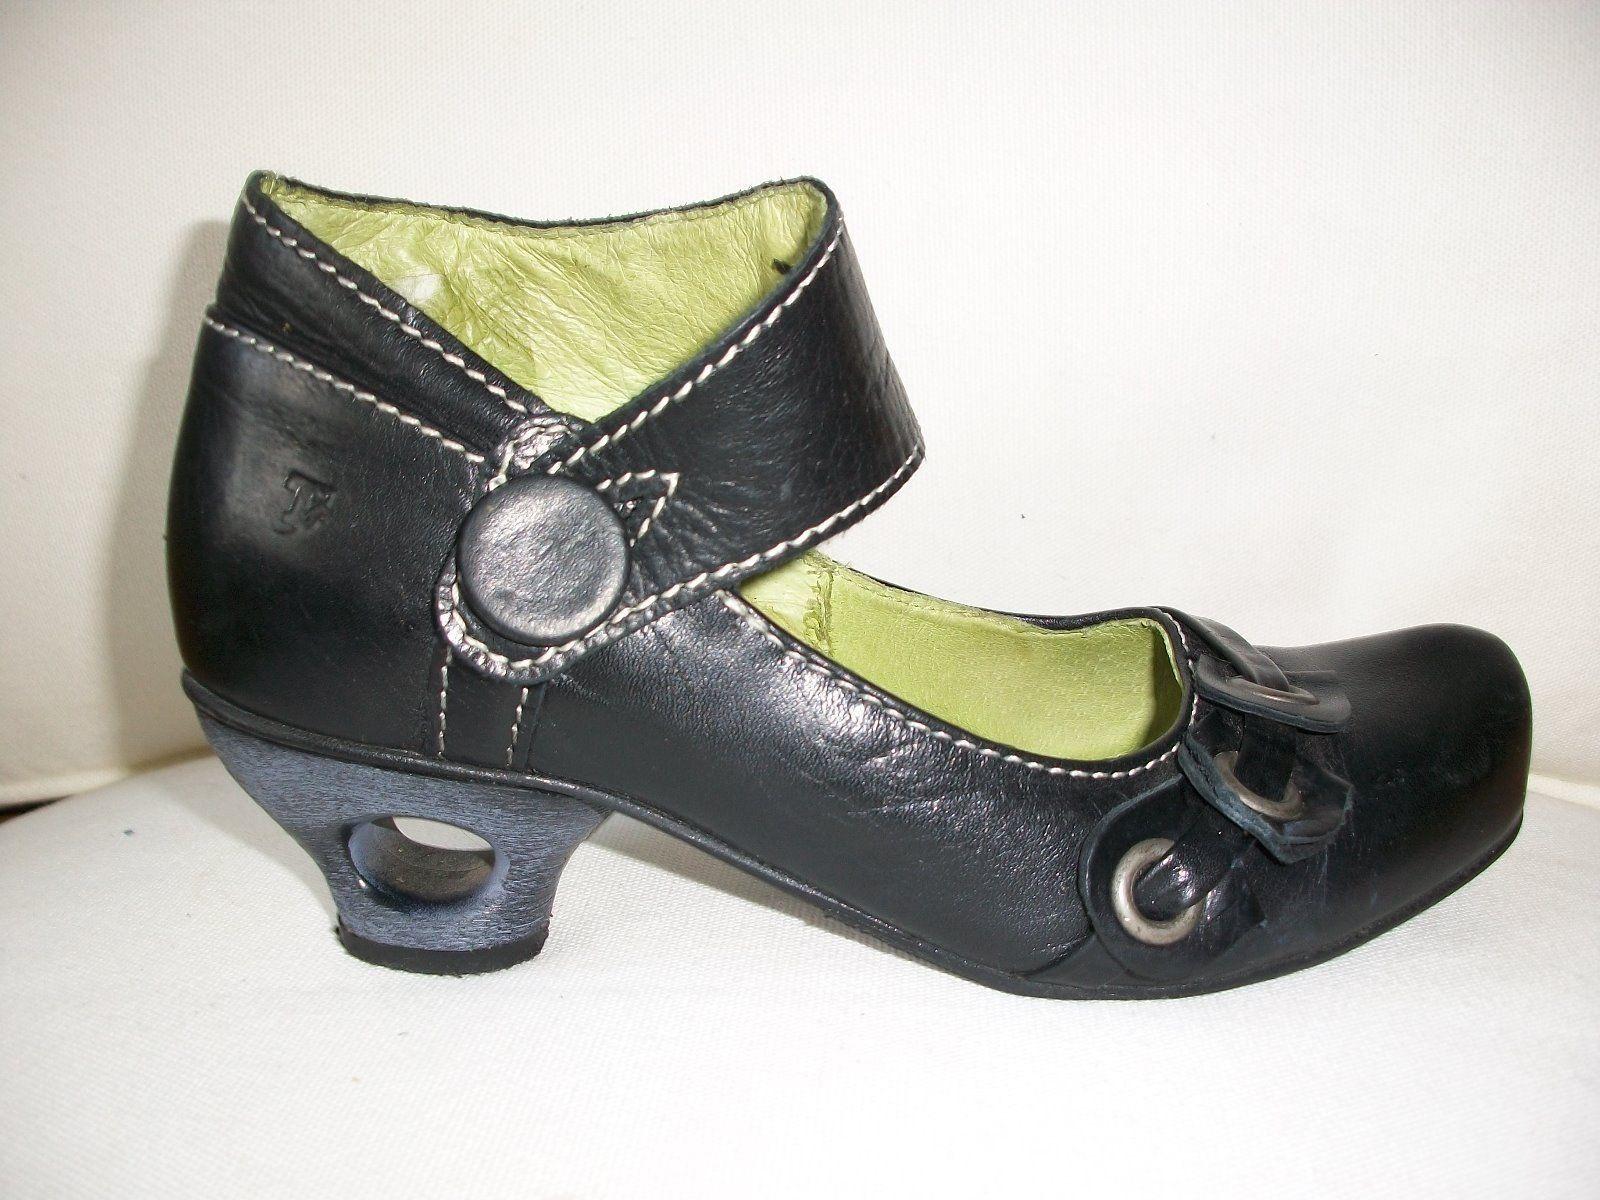 Schuhe ebay